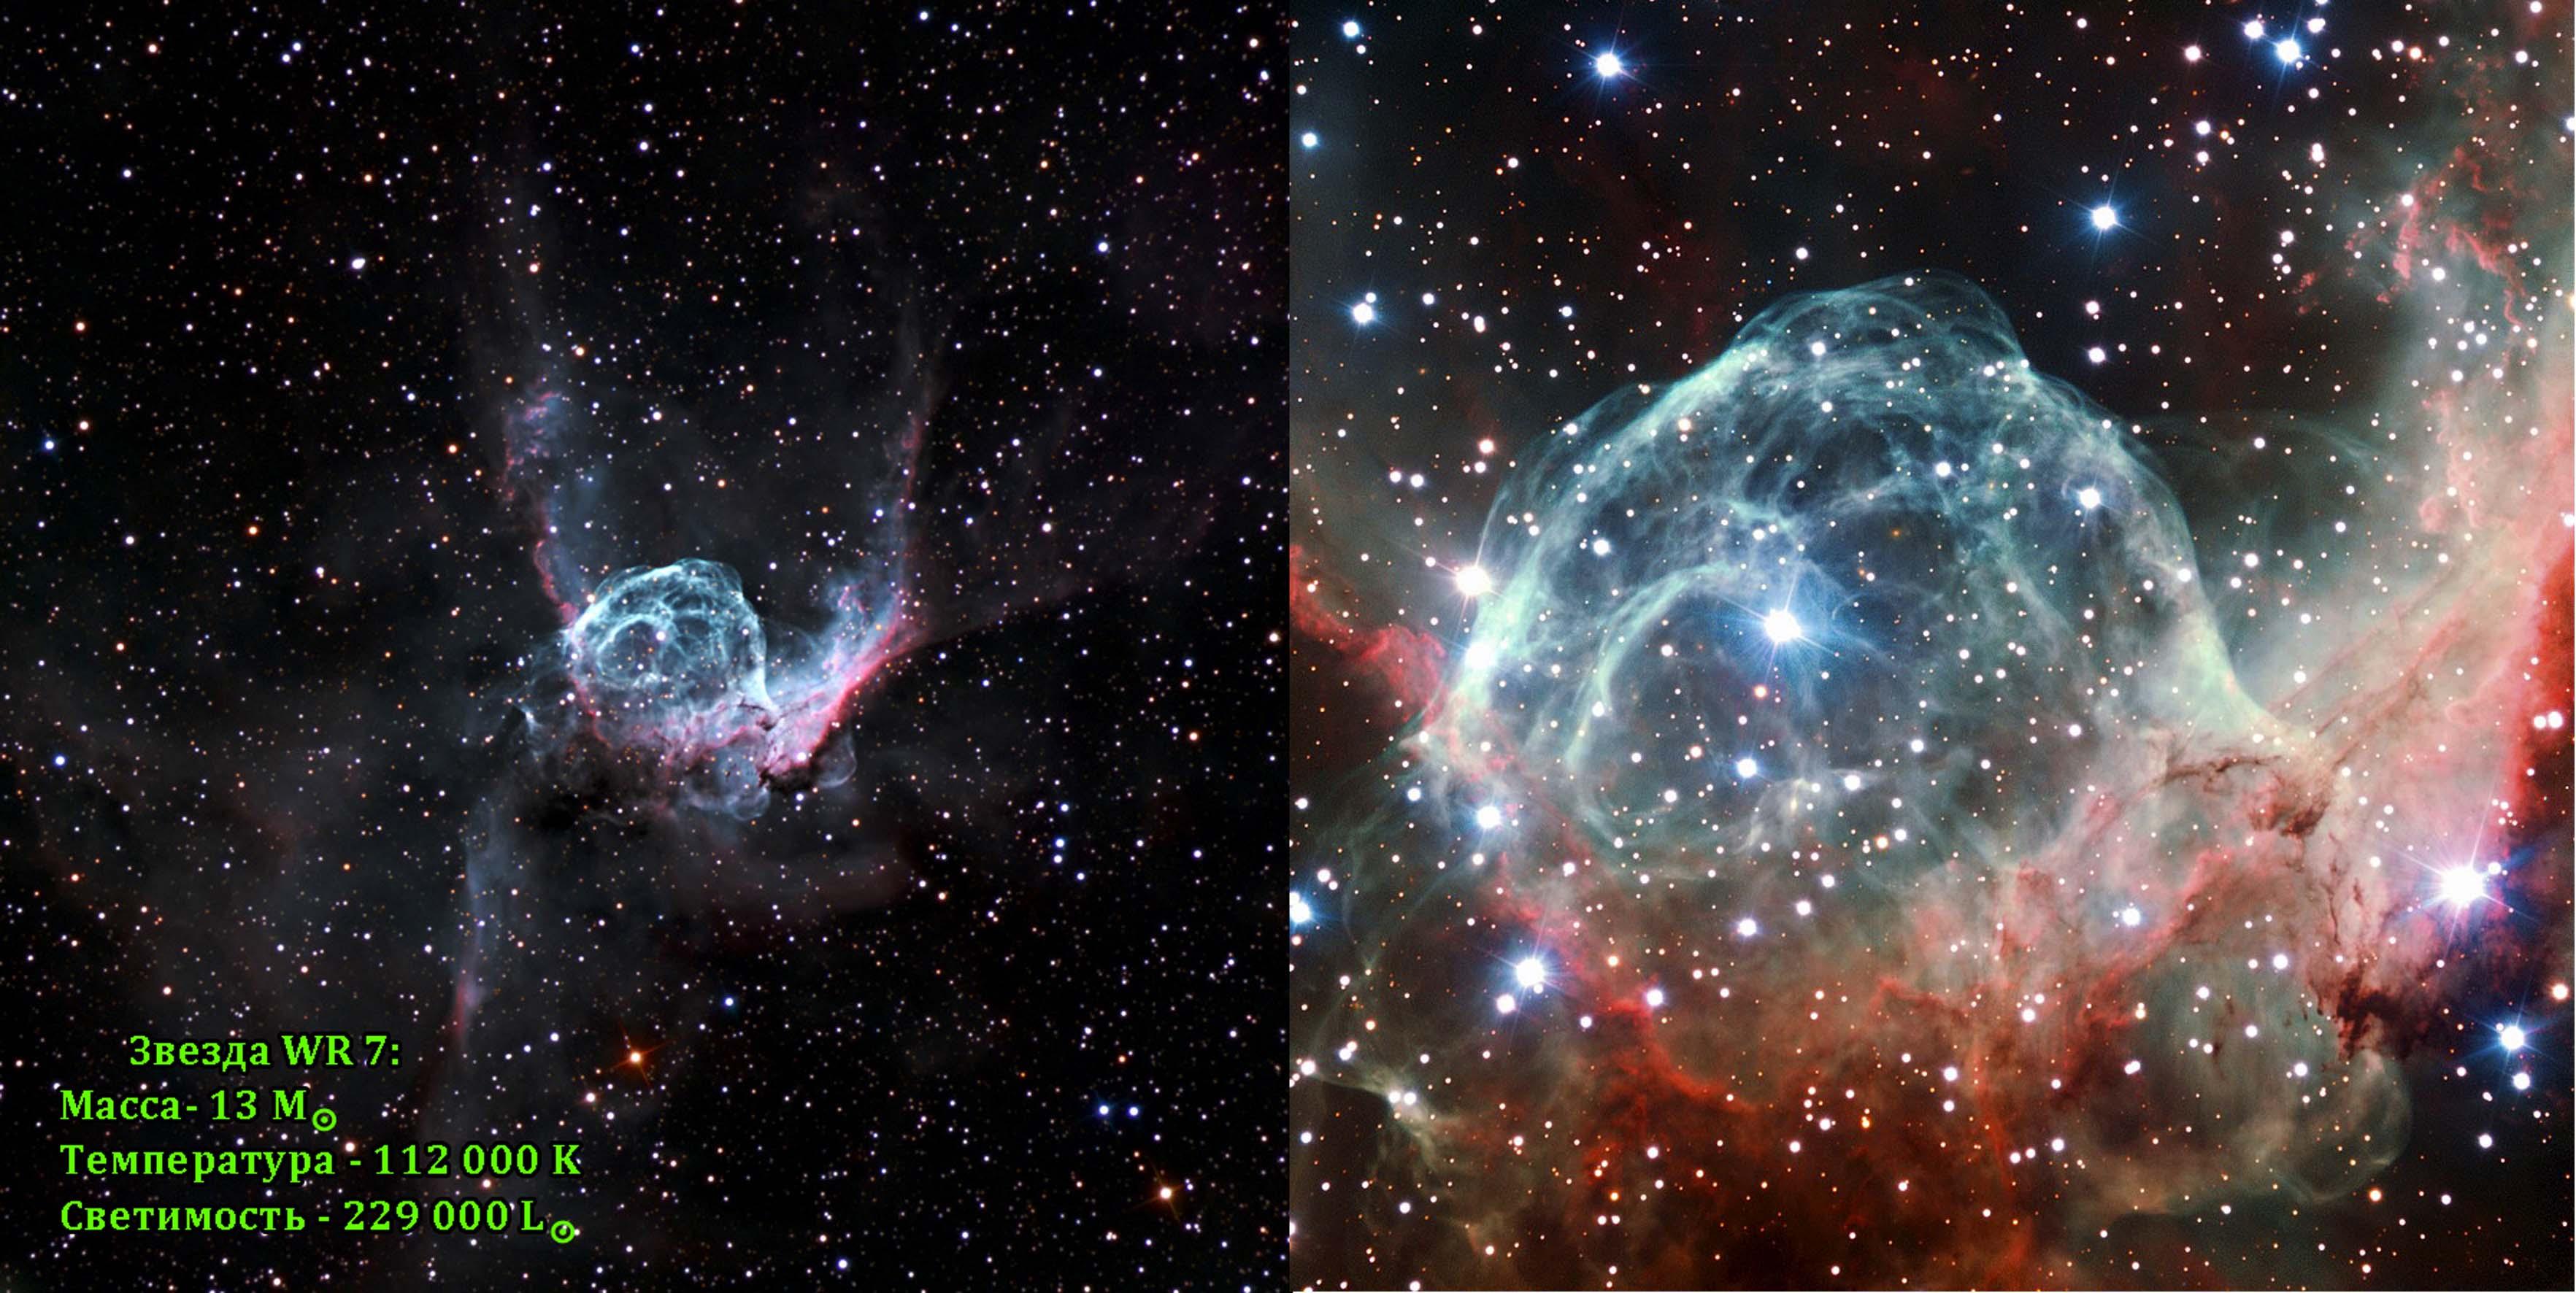 Звезды Вольфа-Райе — монстры под вуалью - 9